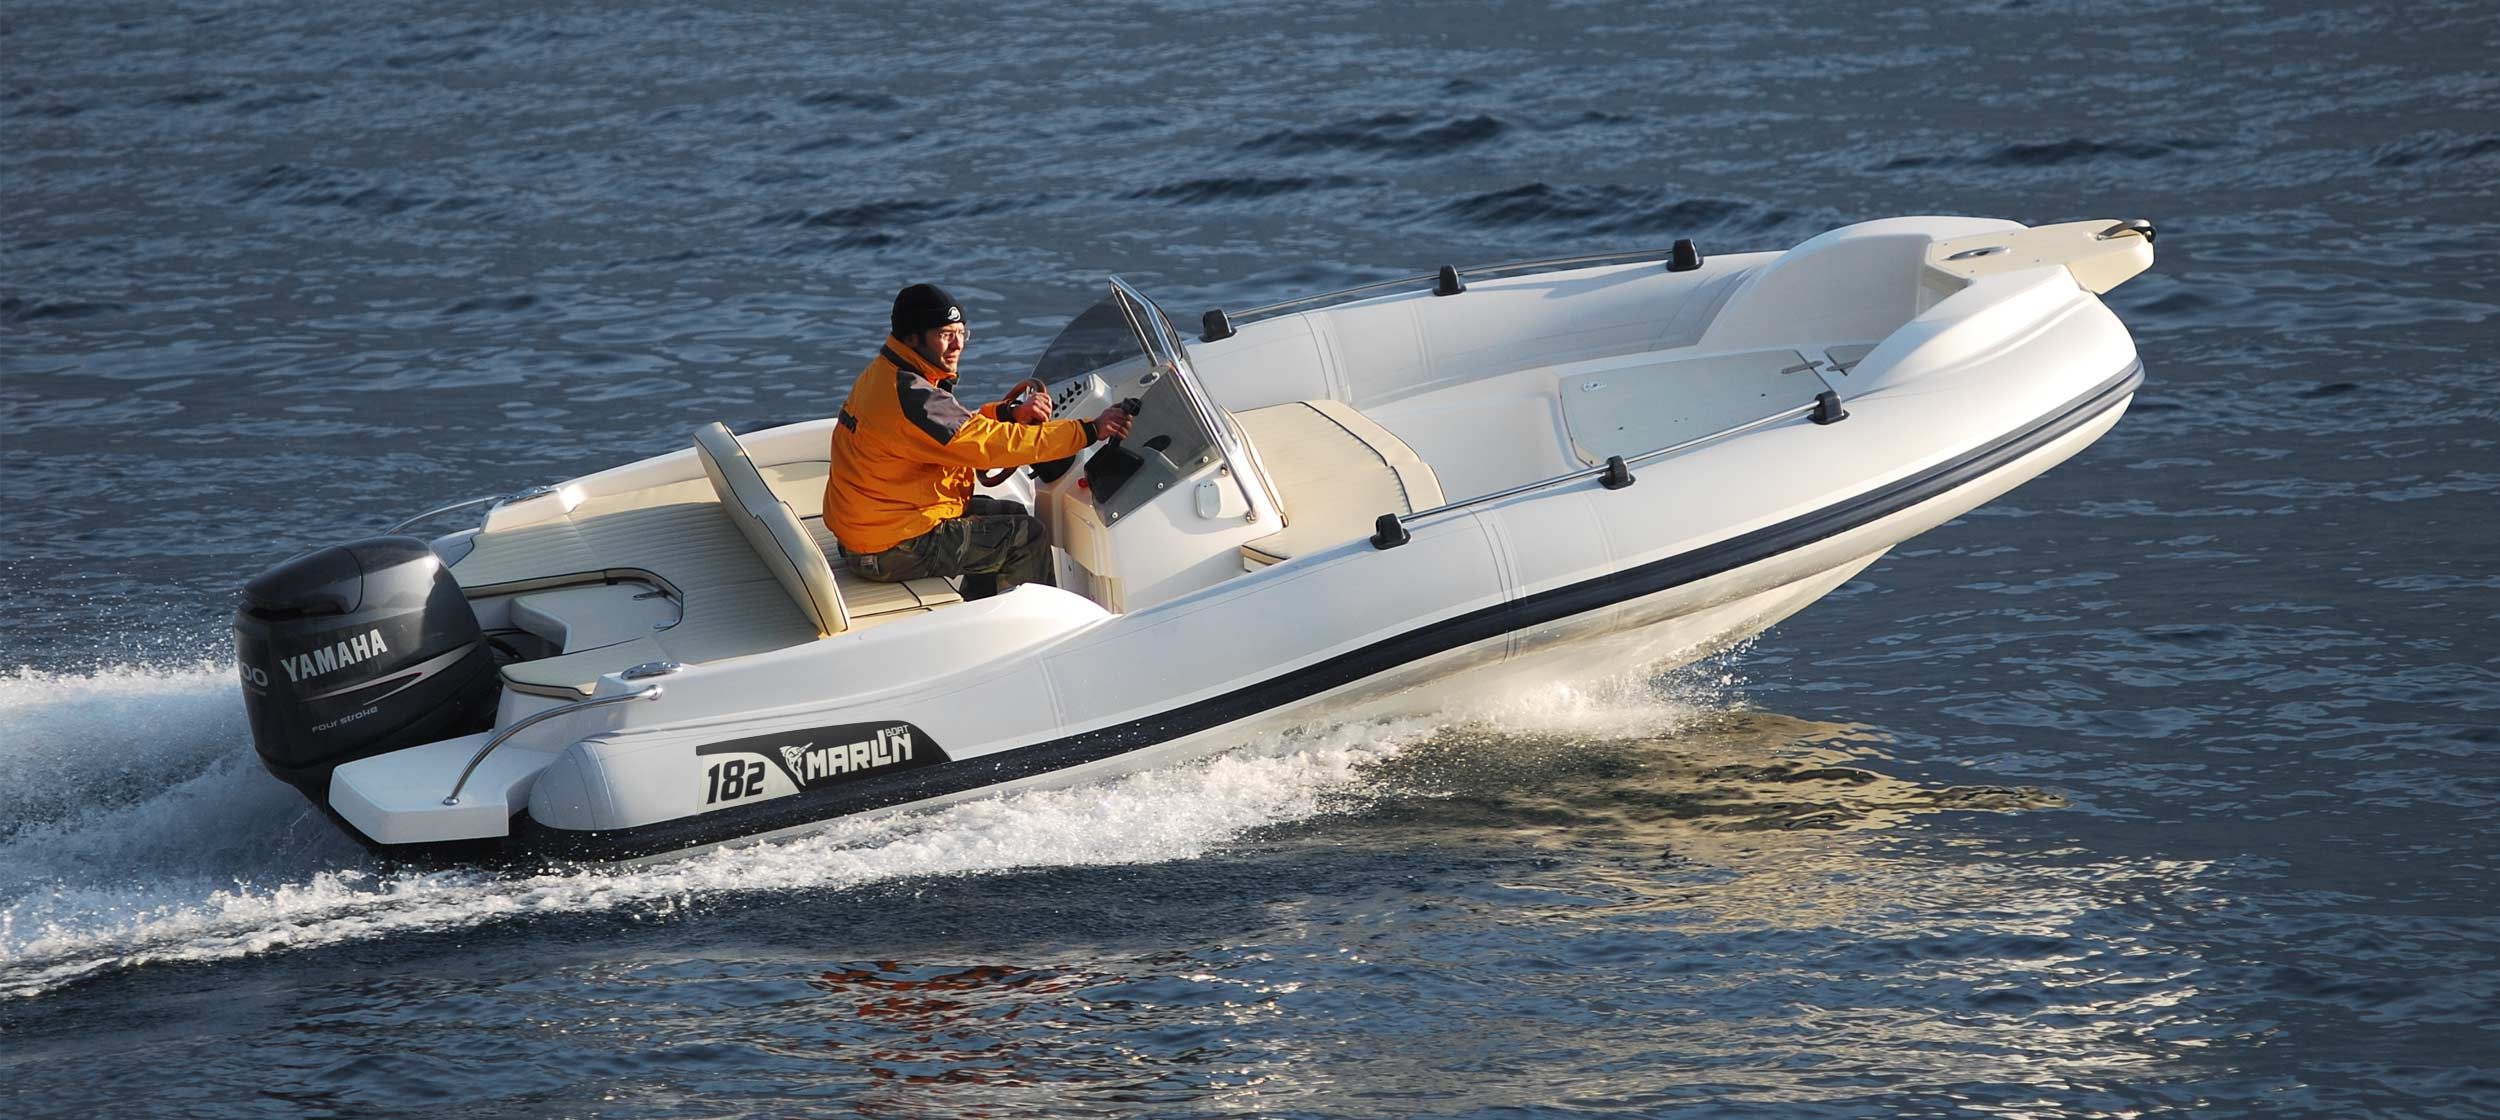 Prezzo Del Ferro Vecchio Al Kg Of Gommoni Marlin Boat Marlin 182